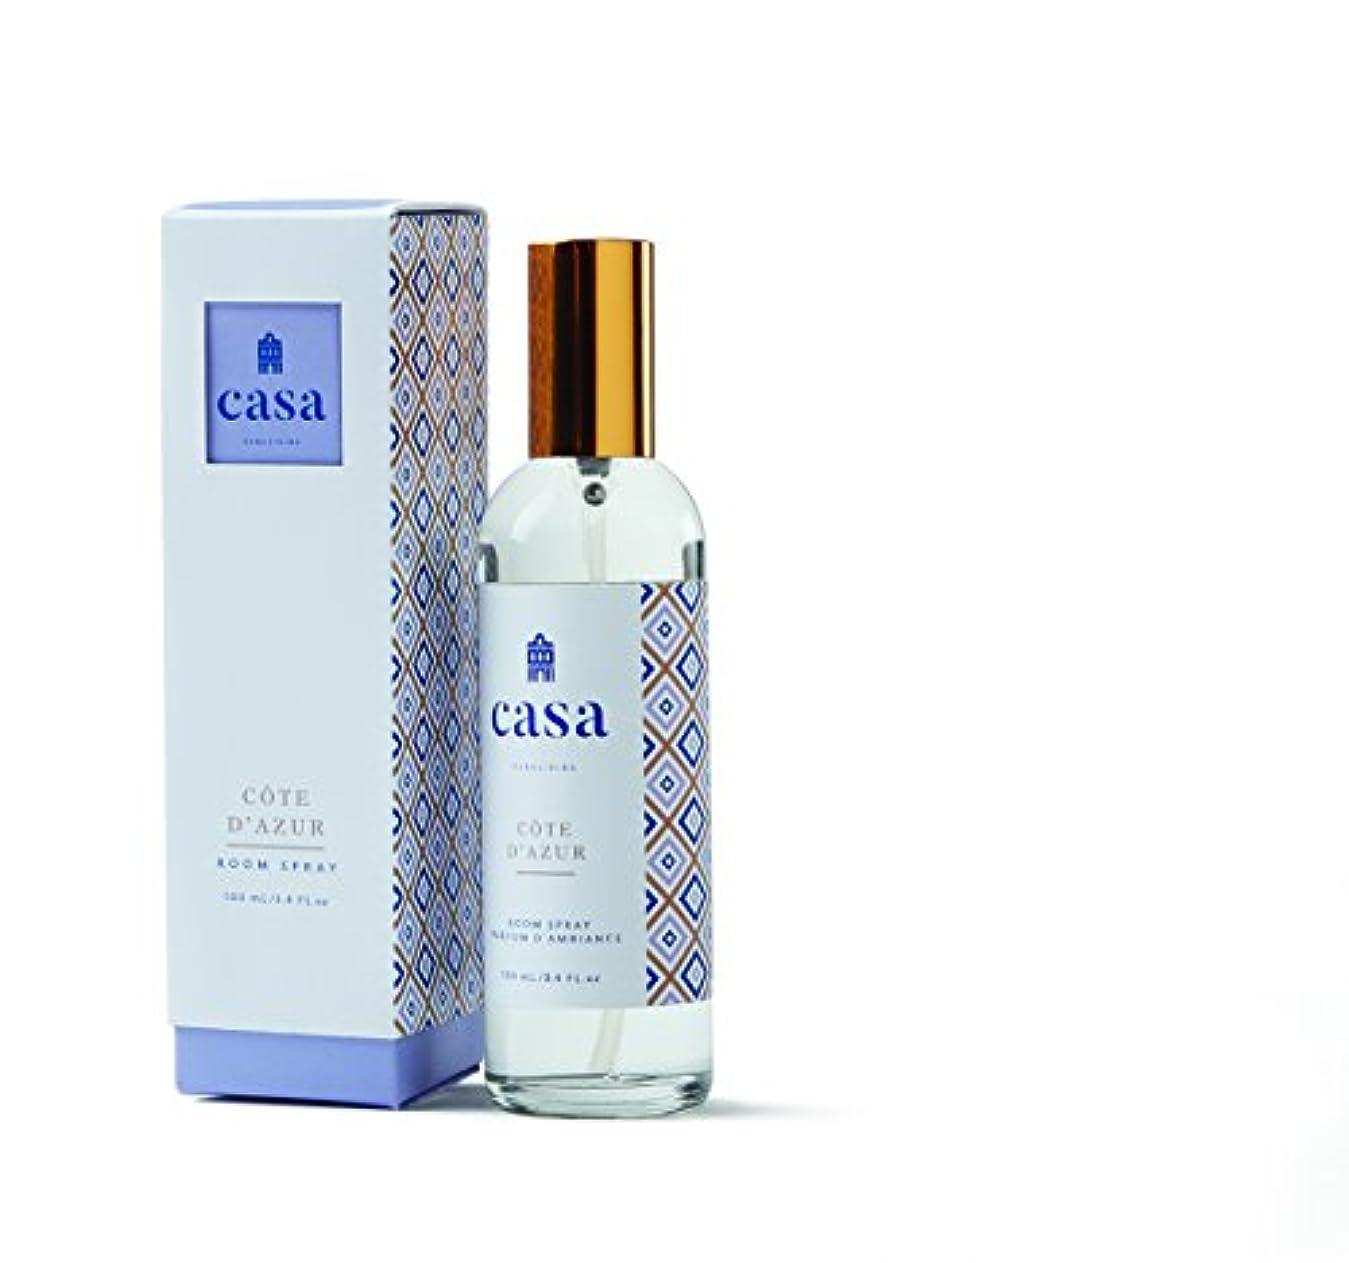 レベル確認する知恵CASA カーサ ルームスプレー ブルー メディタレアン ミスト Room Spray Mediterranean Mist ピュアリビング Pureliving